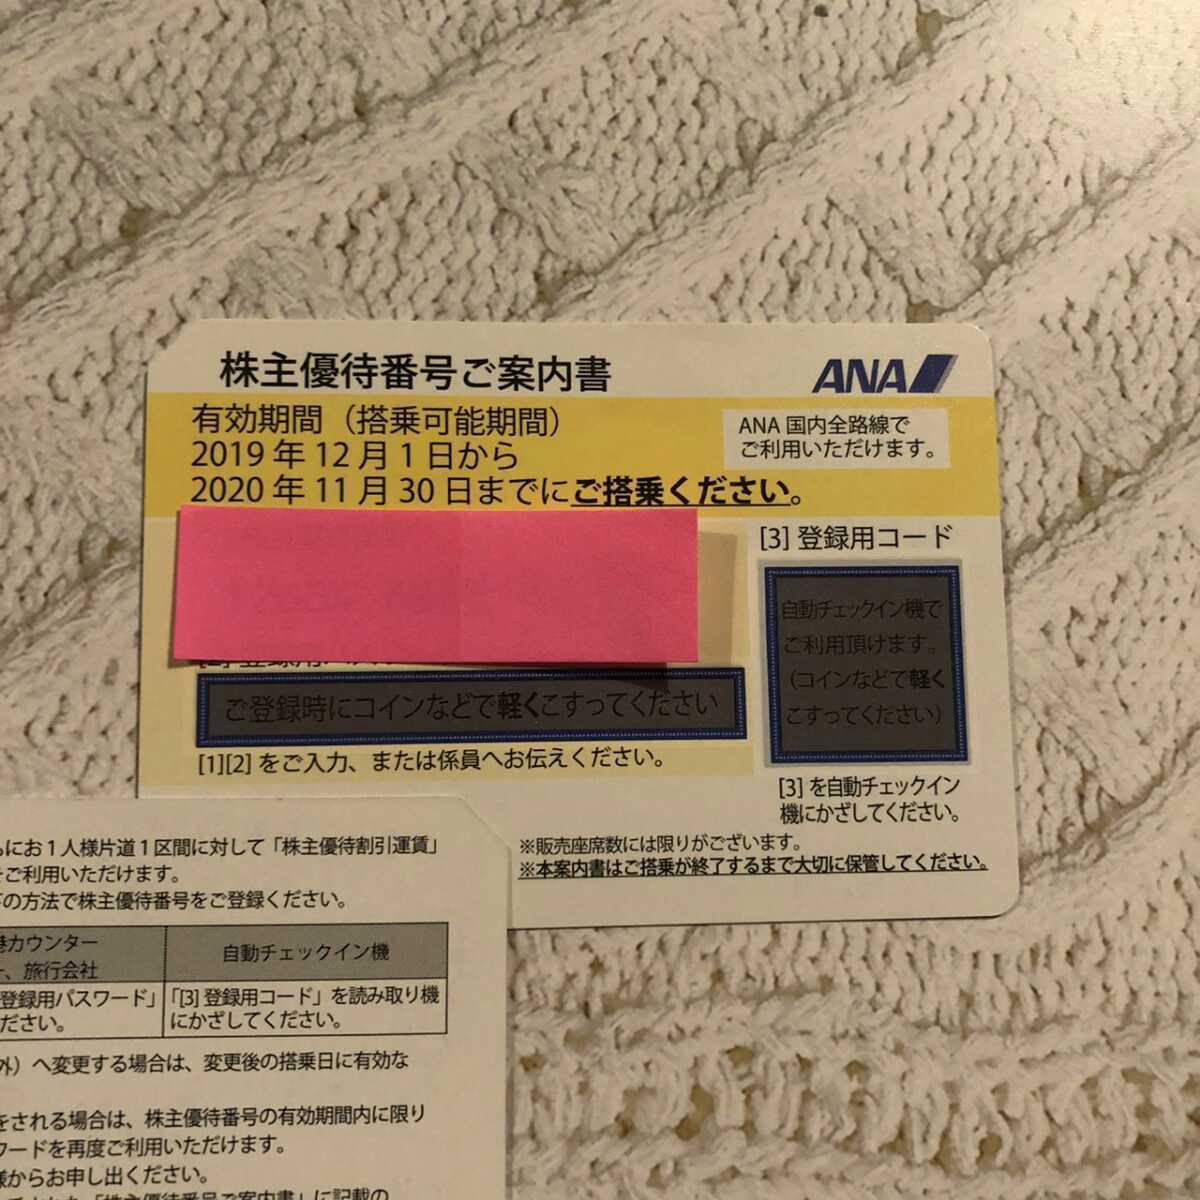 4枚 ANA 番号通知のみ 全日本空輸 株主優待券 5月期限 国内線航空券50%割引 割引券 全日空 NH 黄色 2名様 往復_画像1